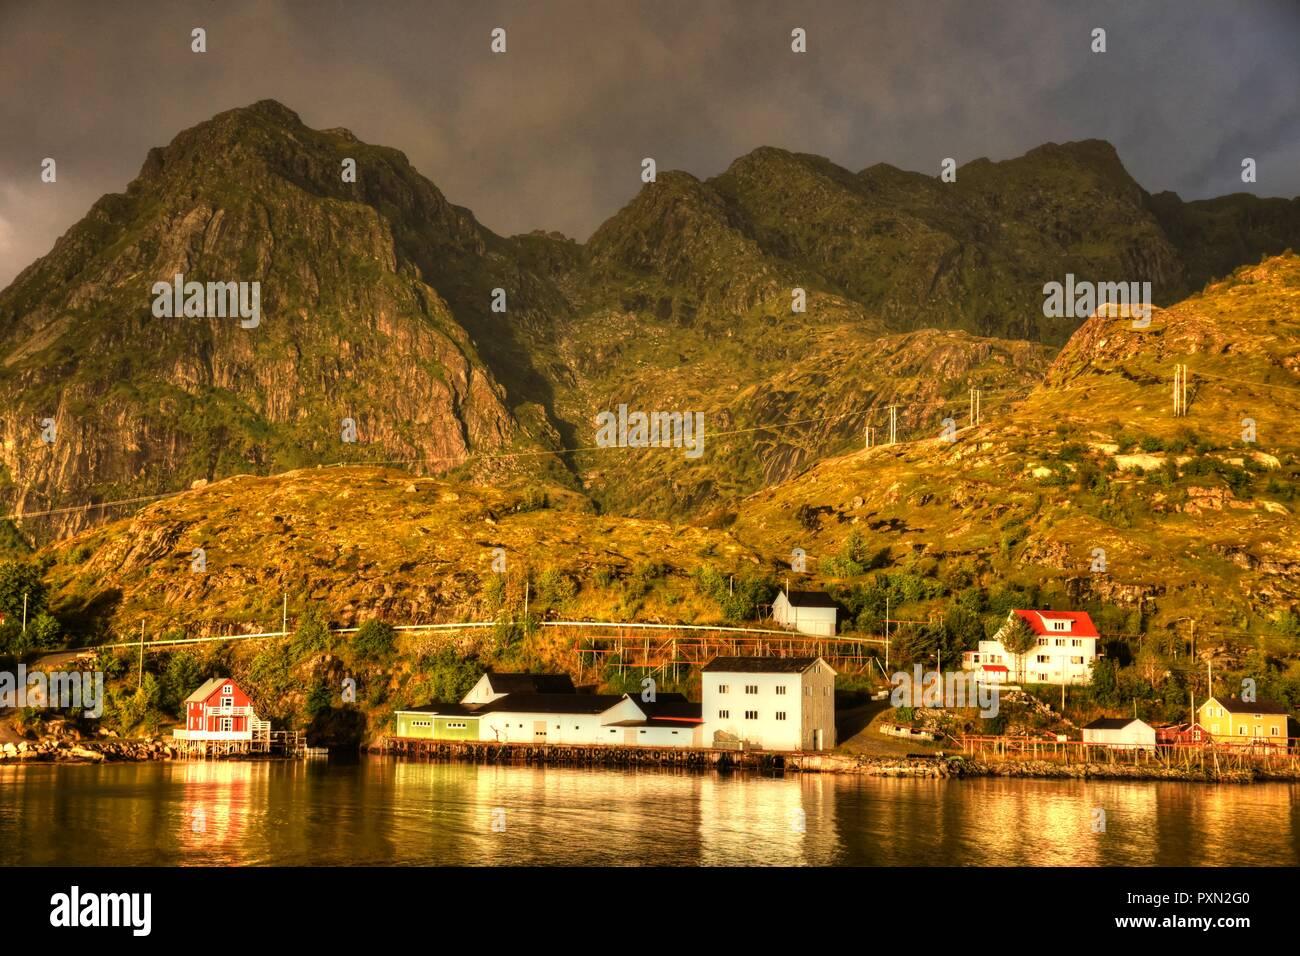 Norwegen, Lofoten, Moskenes, Hafen, Morgenrot, Nordland, Bodø, Moskenesøya, Insel, Mole, Leuchtturm, Leuchtfeuer, Dorf. Küste, Gipfel, Berge Stock Photo